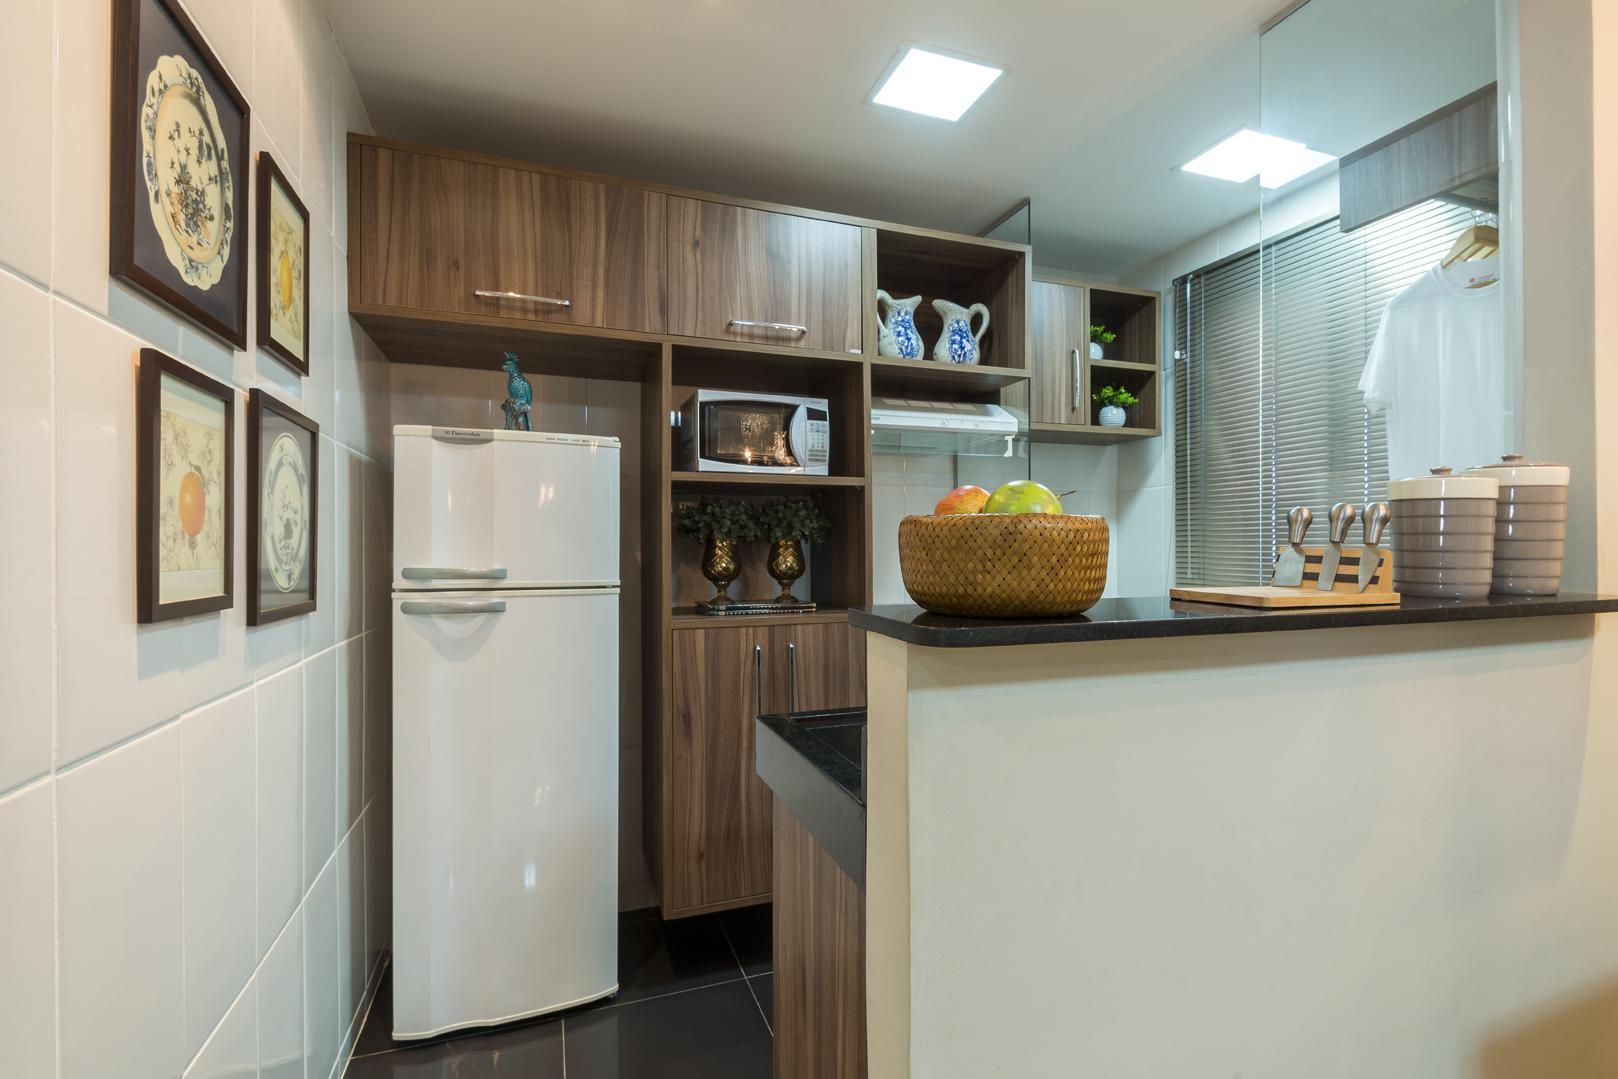 #604C37 Como Decorar Cozinha Americana Pequena com Bancada MRV Engenharia 1618x1079 píxeis em Como Decorar Sala De Jantar Pequena